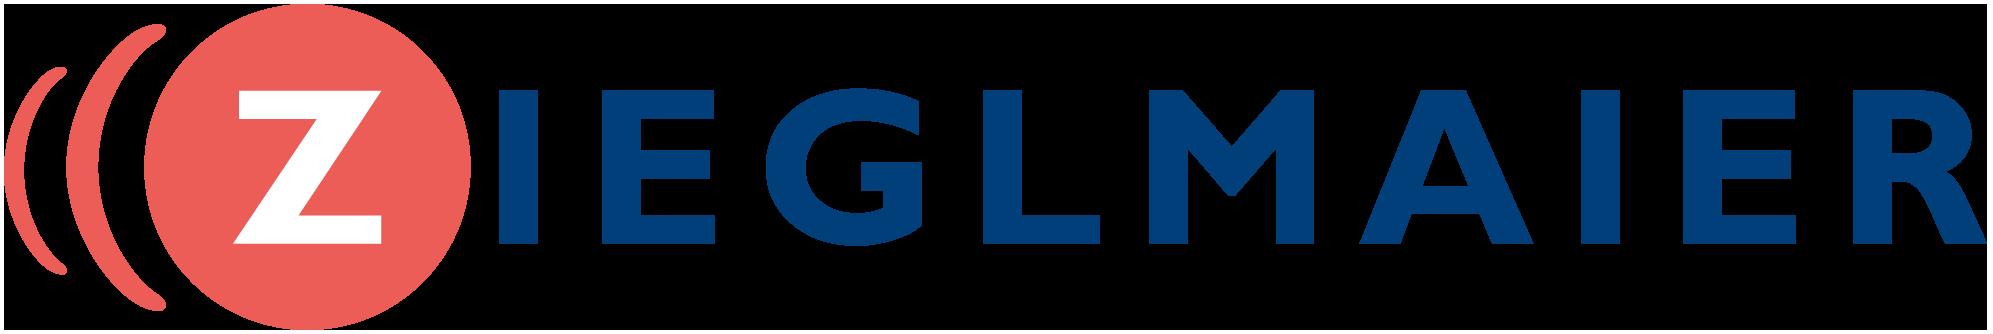 Hörgeräte Zieglmaier GmbH & Co.KG